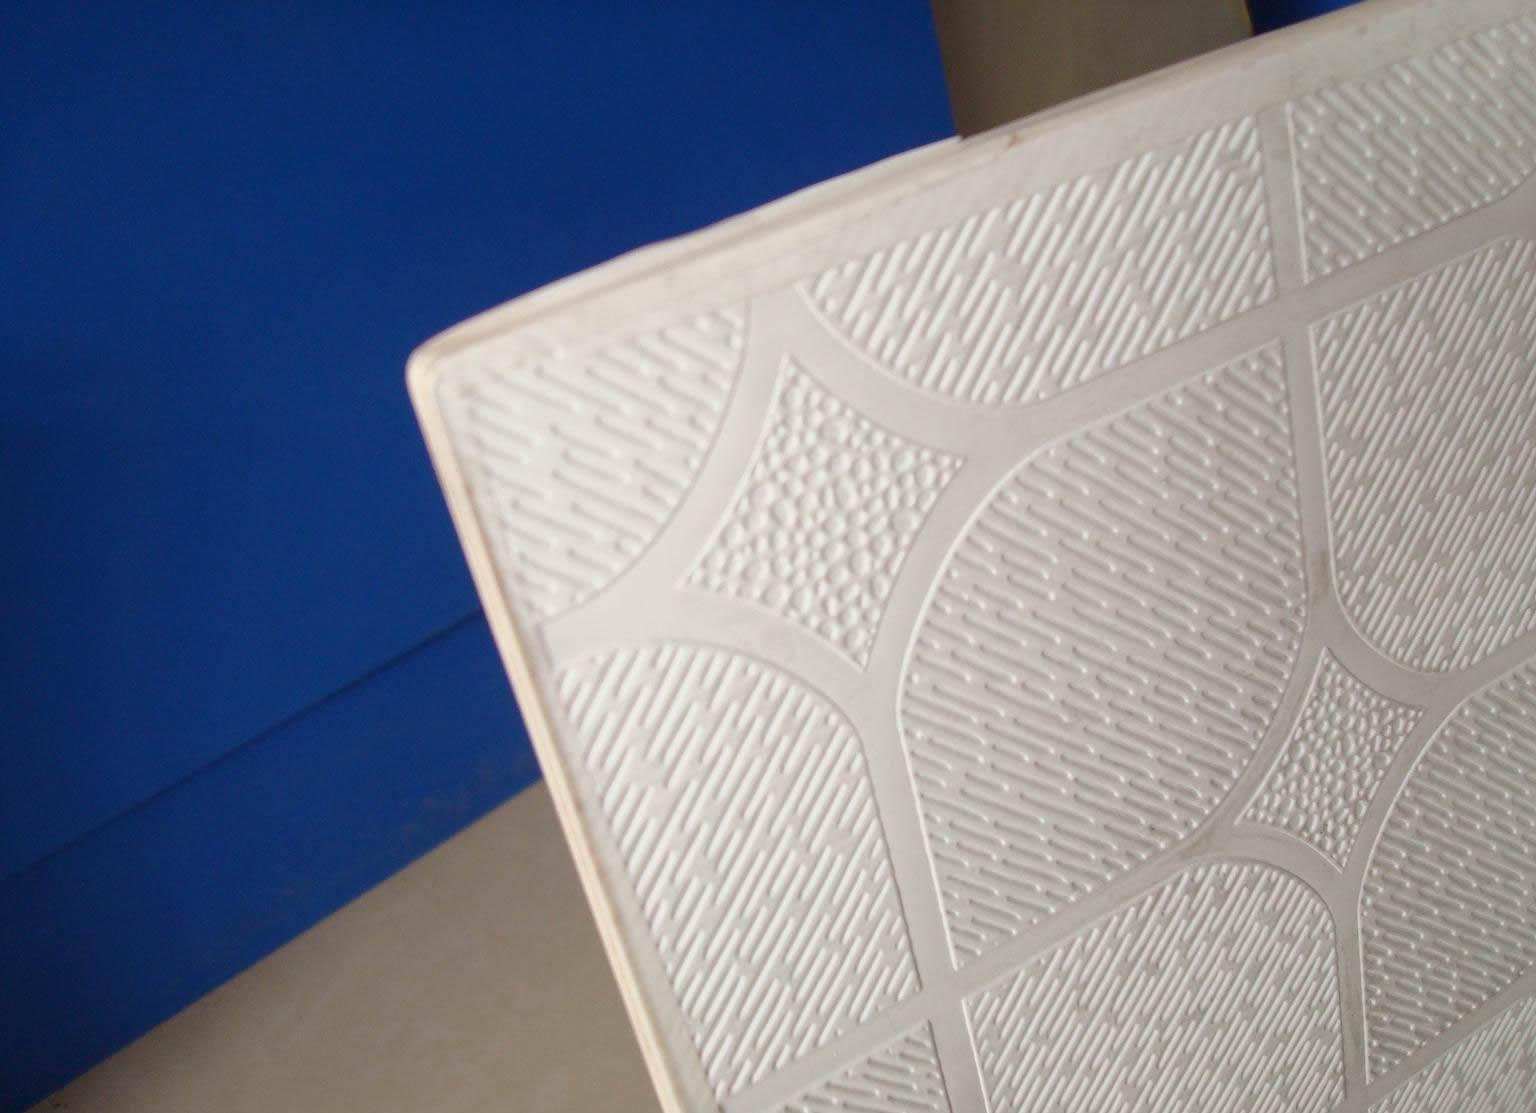 Pvc Laminated Gypsum Board : Pvc laminated gypsum board dybm co ltd mineral ceiling